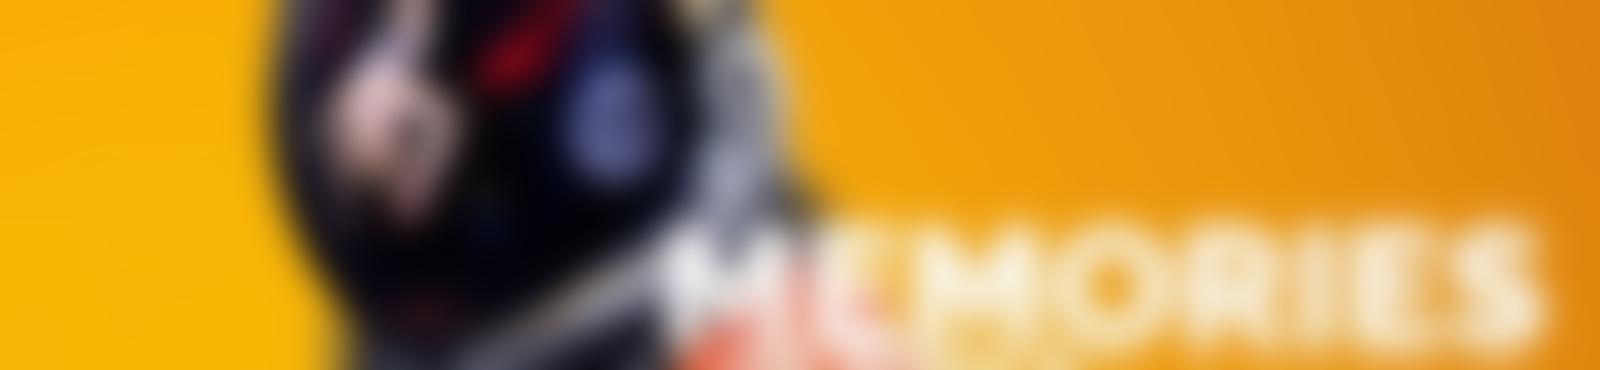 Blurred f637e949 0639 4f04 a7e9 b0abe113e44f